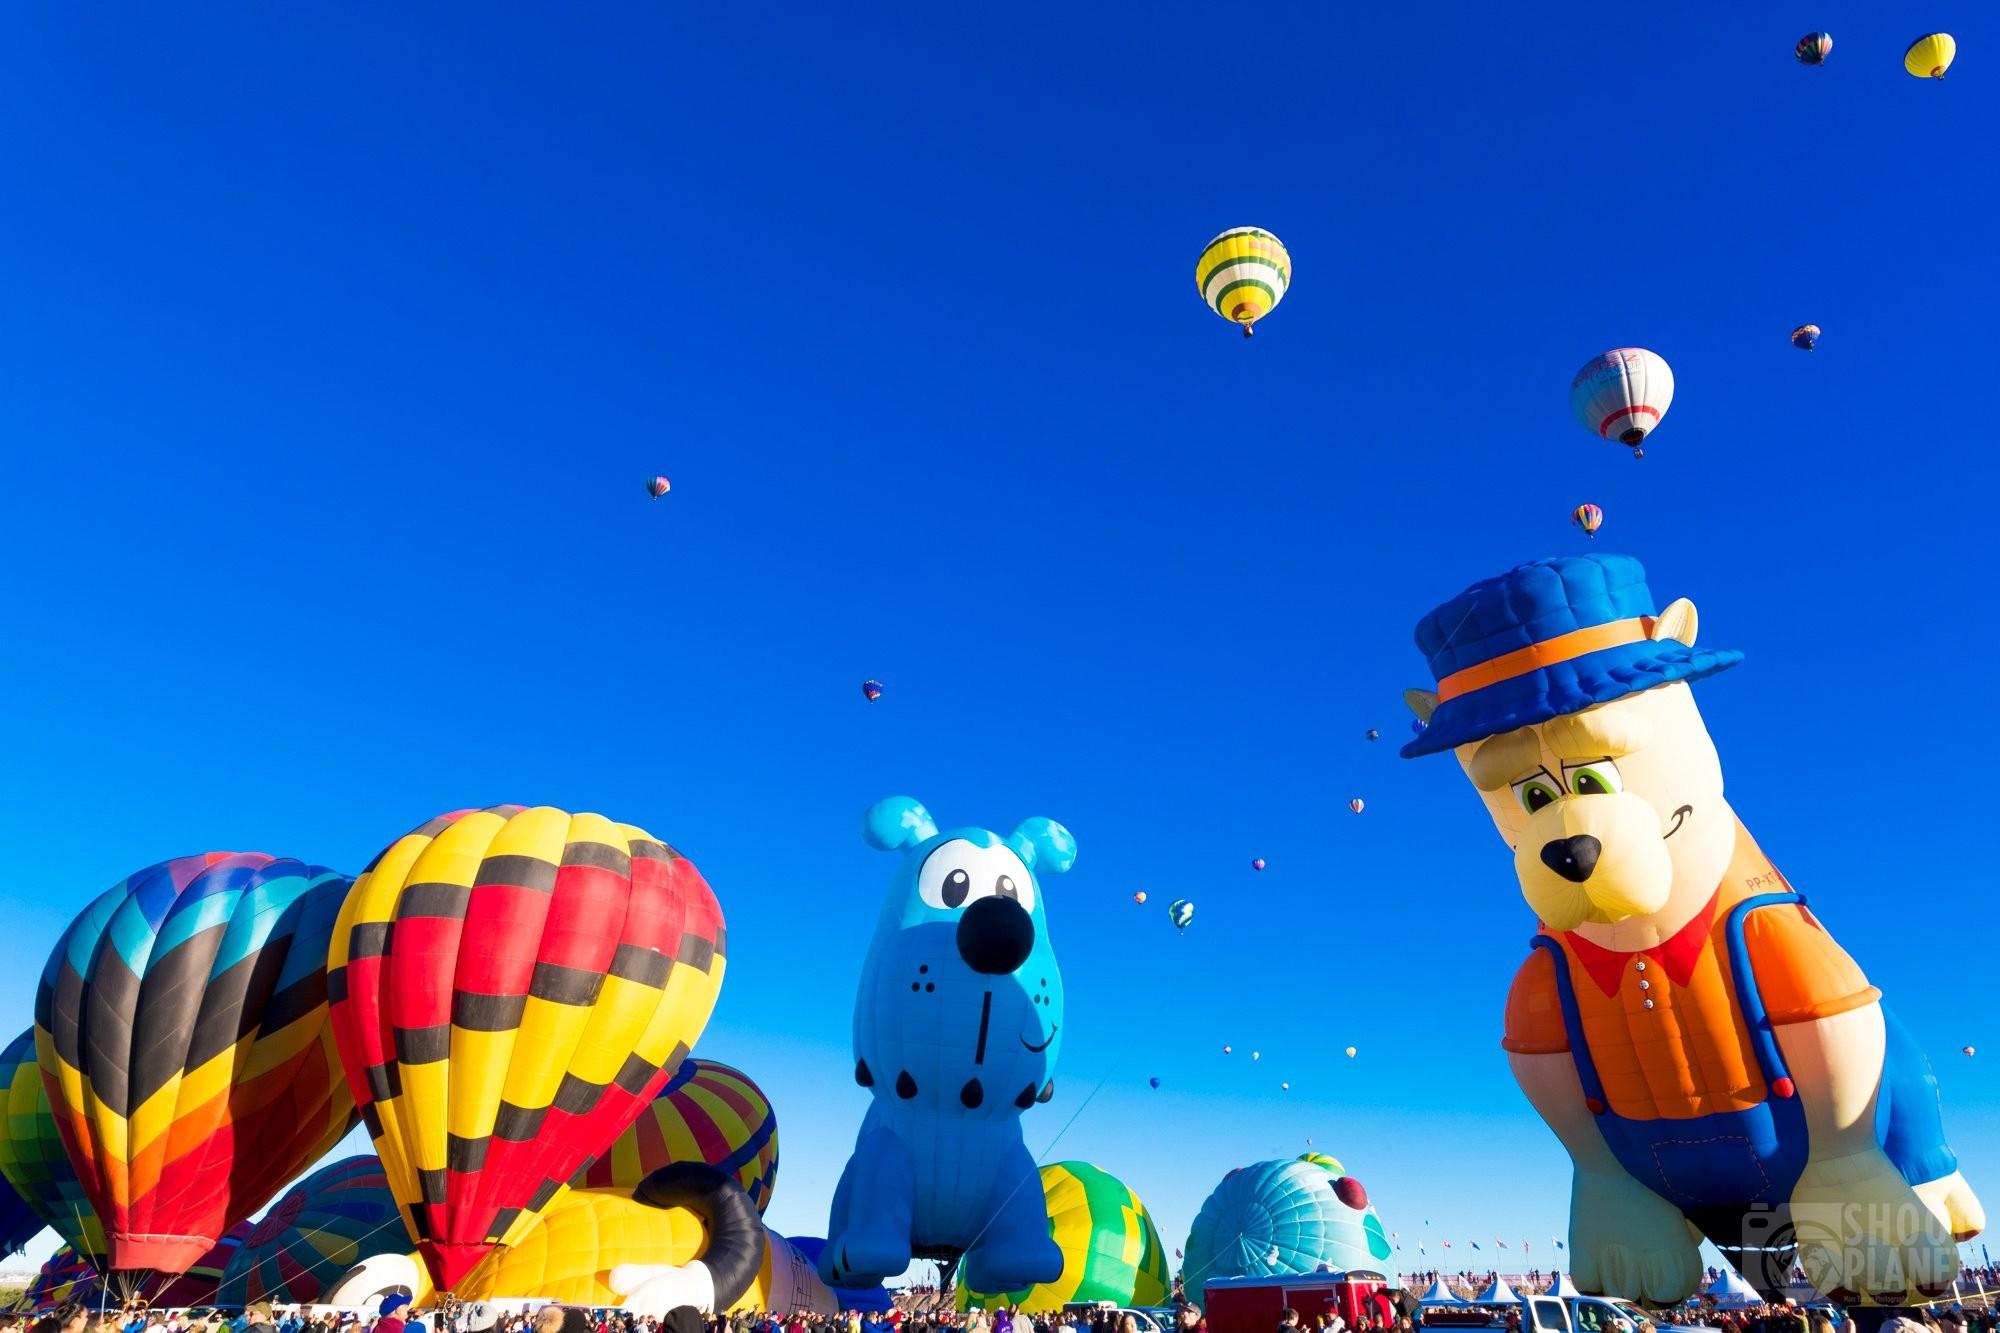 Hot air balloon mass ascension, Albuquerque USA